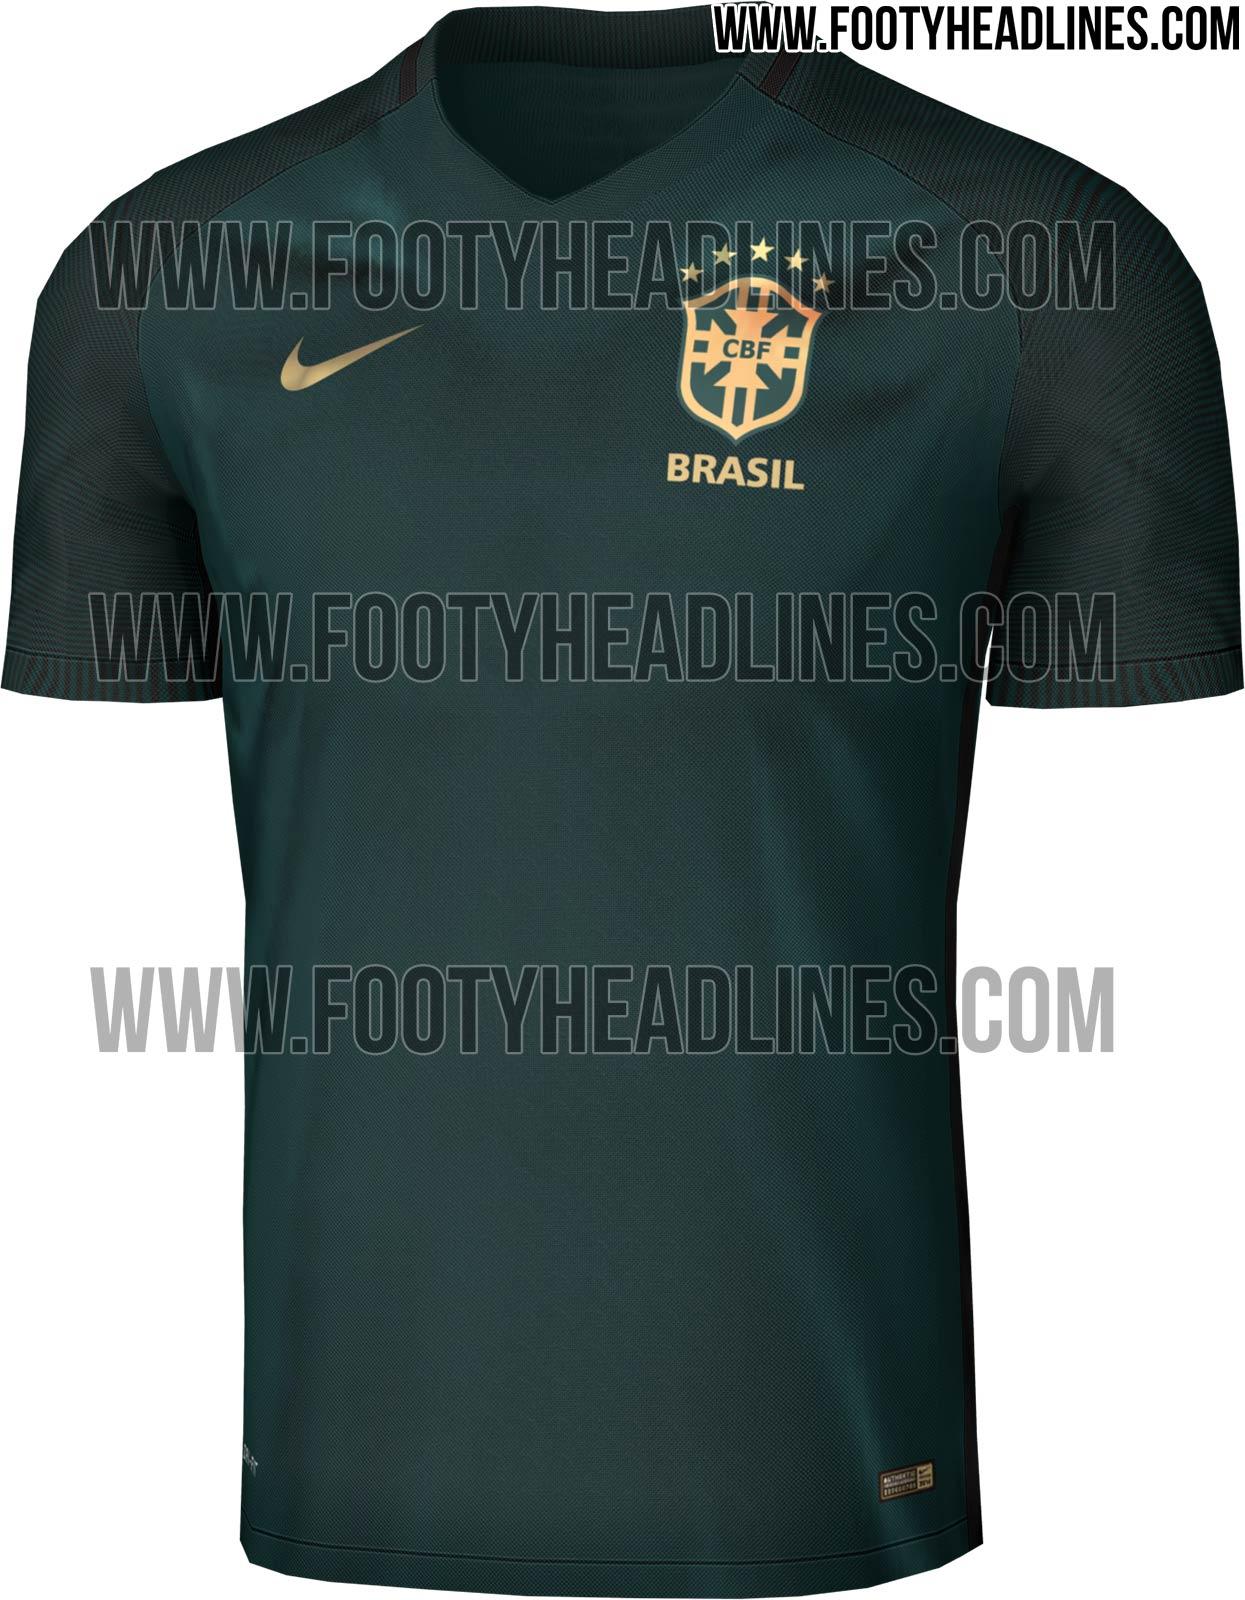 170208_Camisa_Seleção